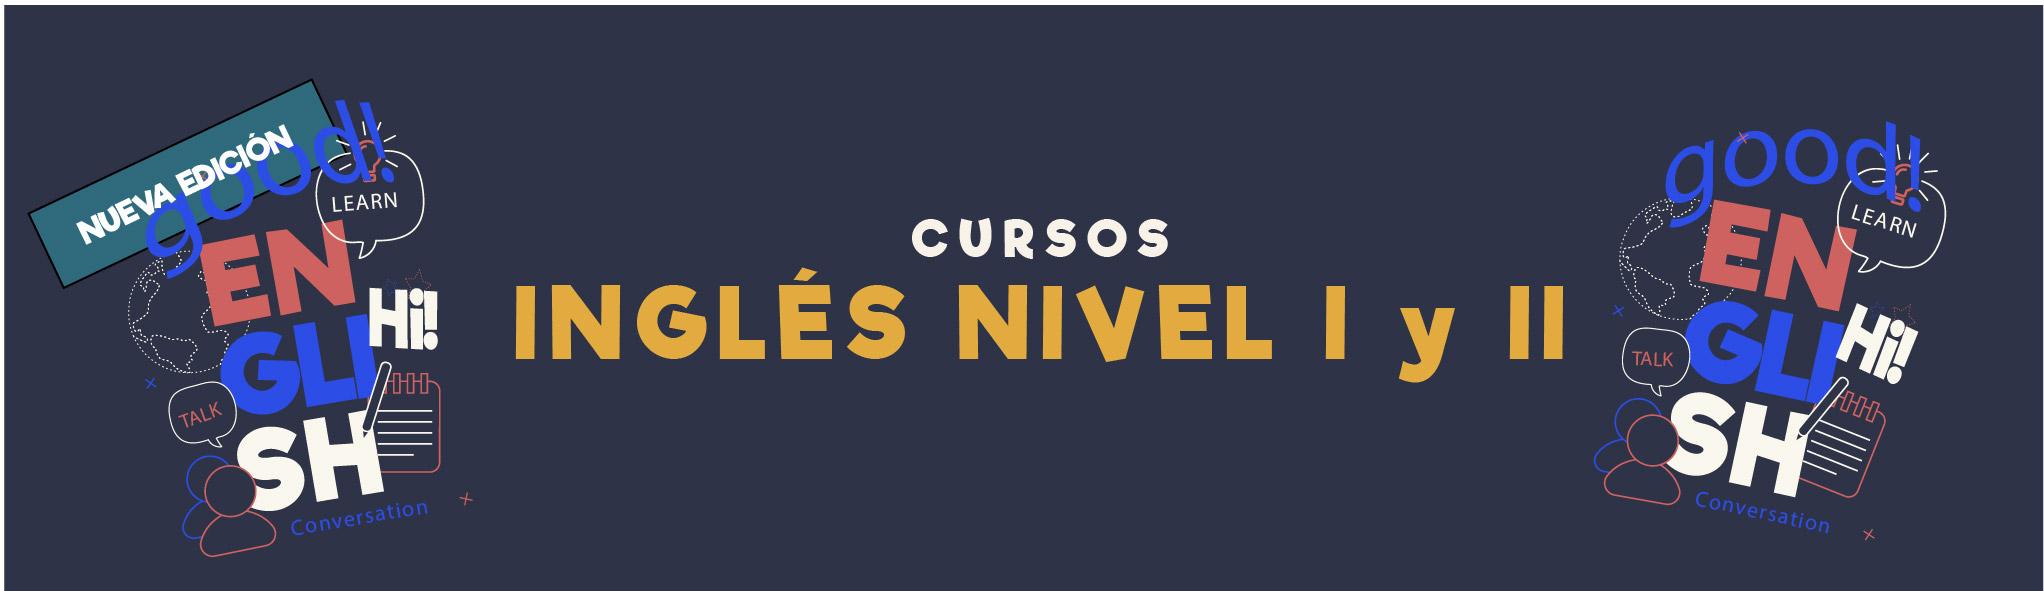 CUROS INGLÉS APLICADO A ENFERMERÍA-03